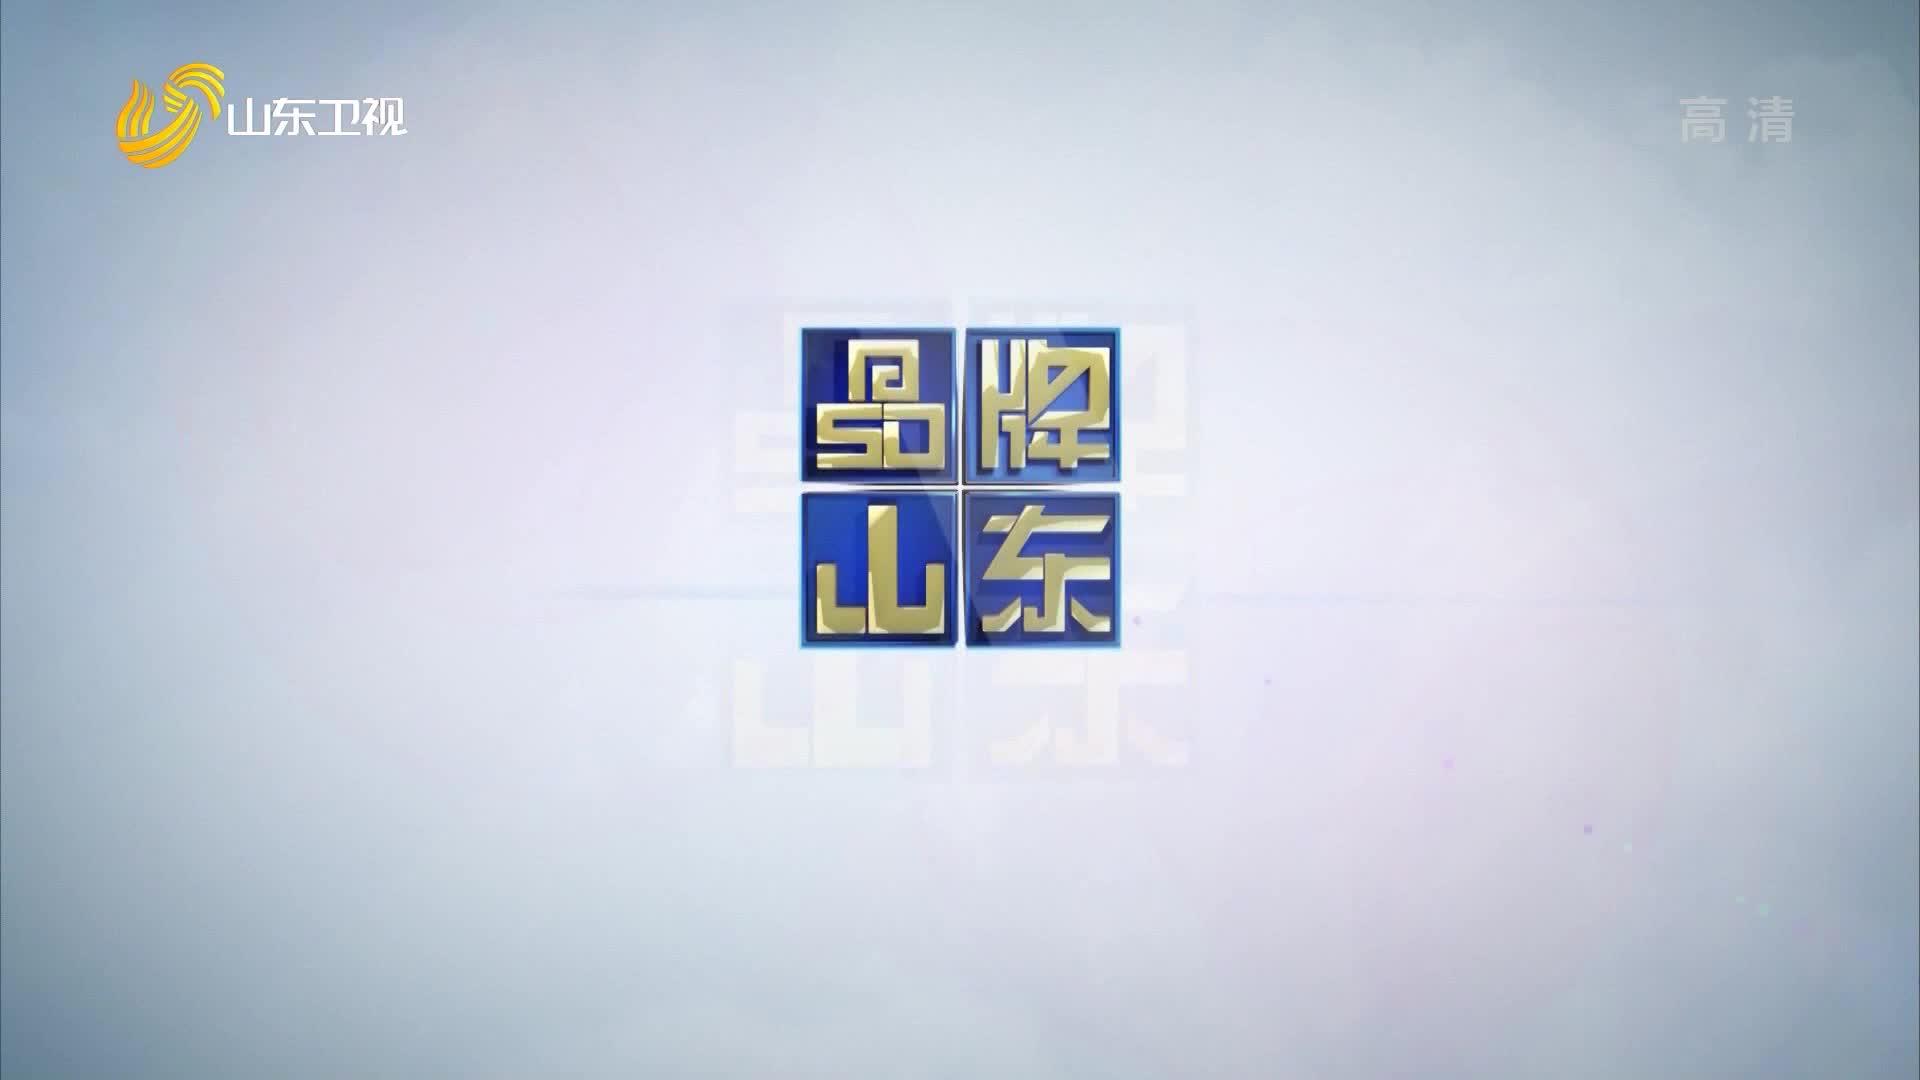 2021年02月28日《品牌山东》完整版